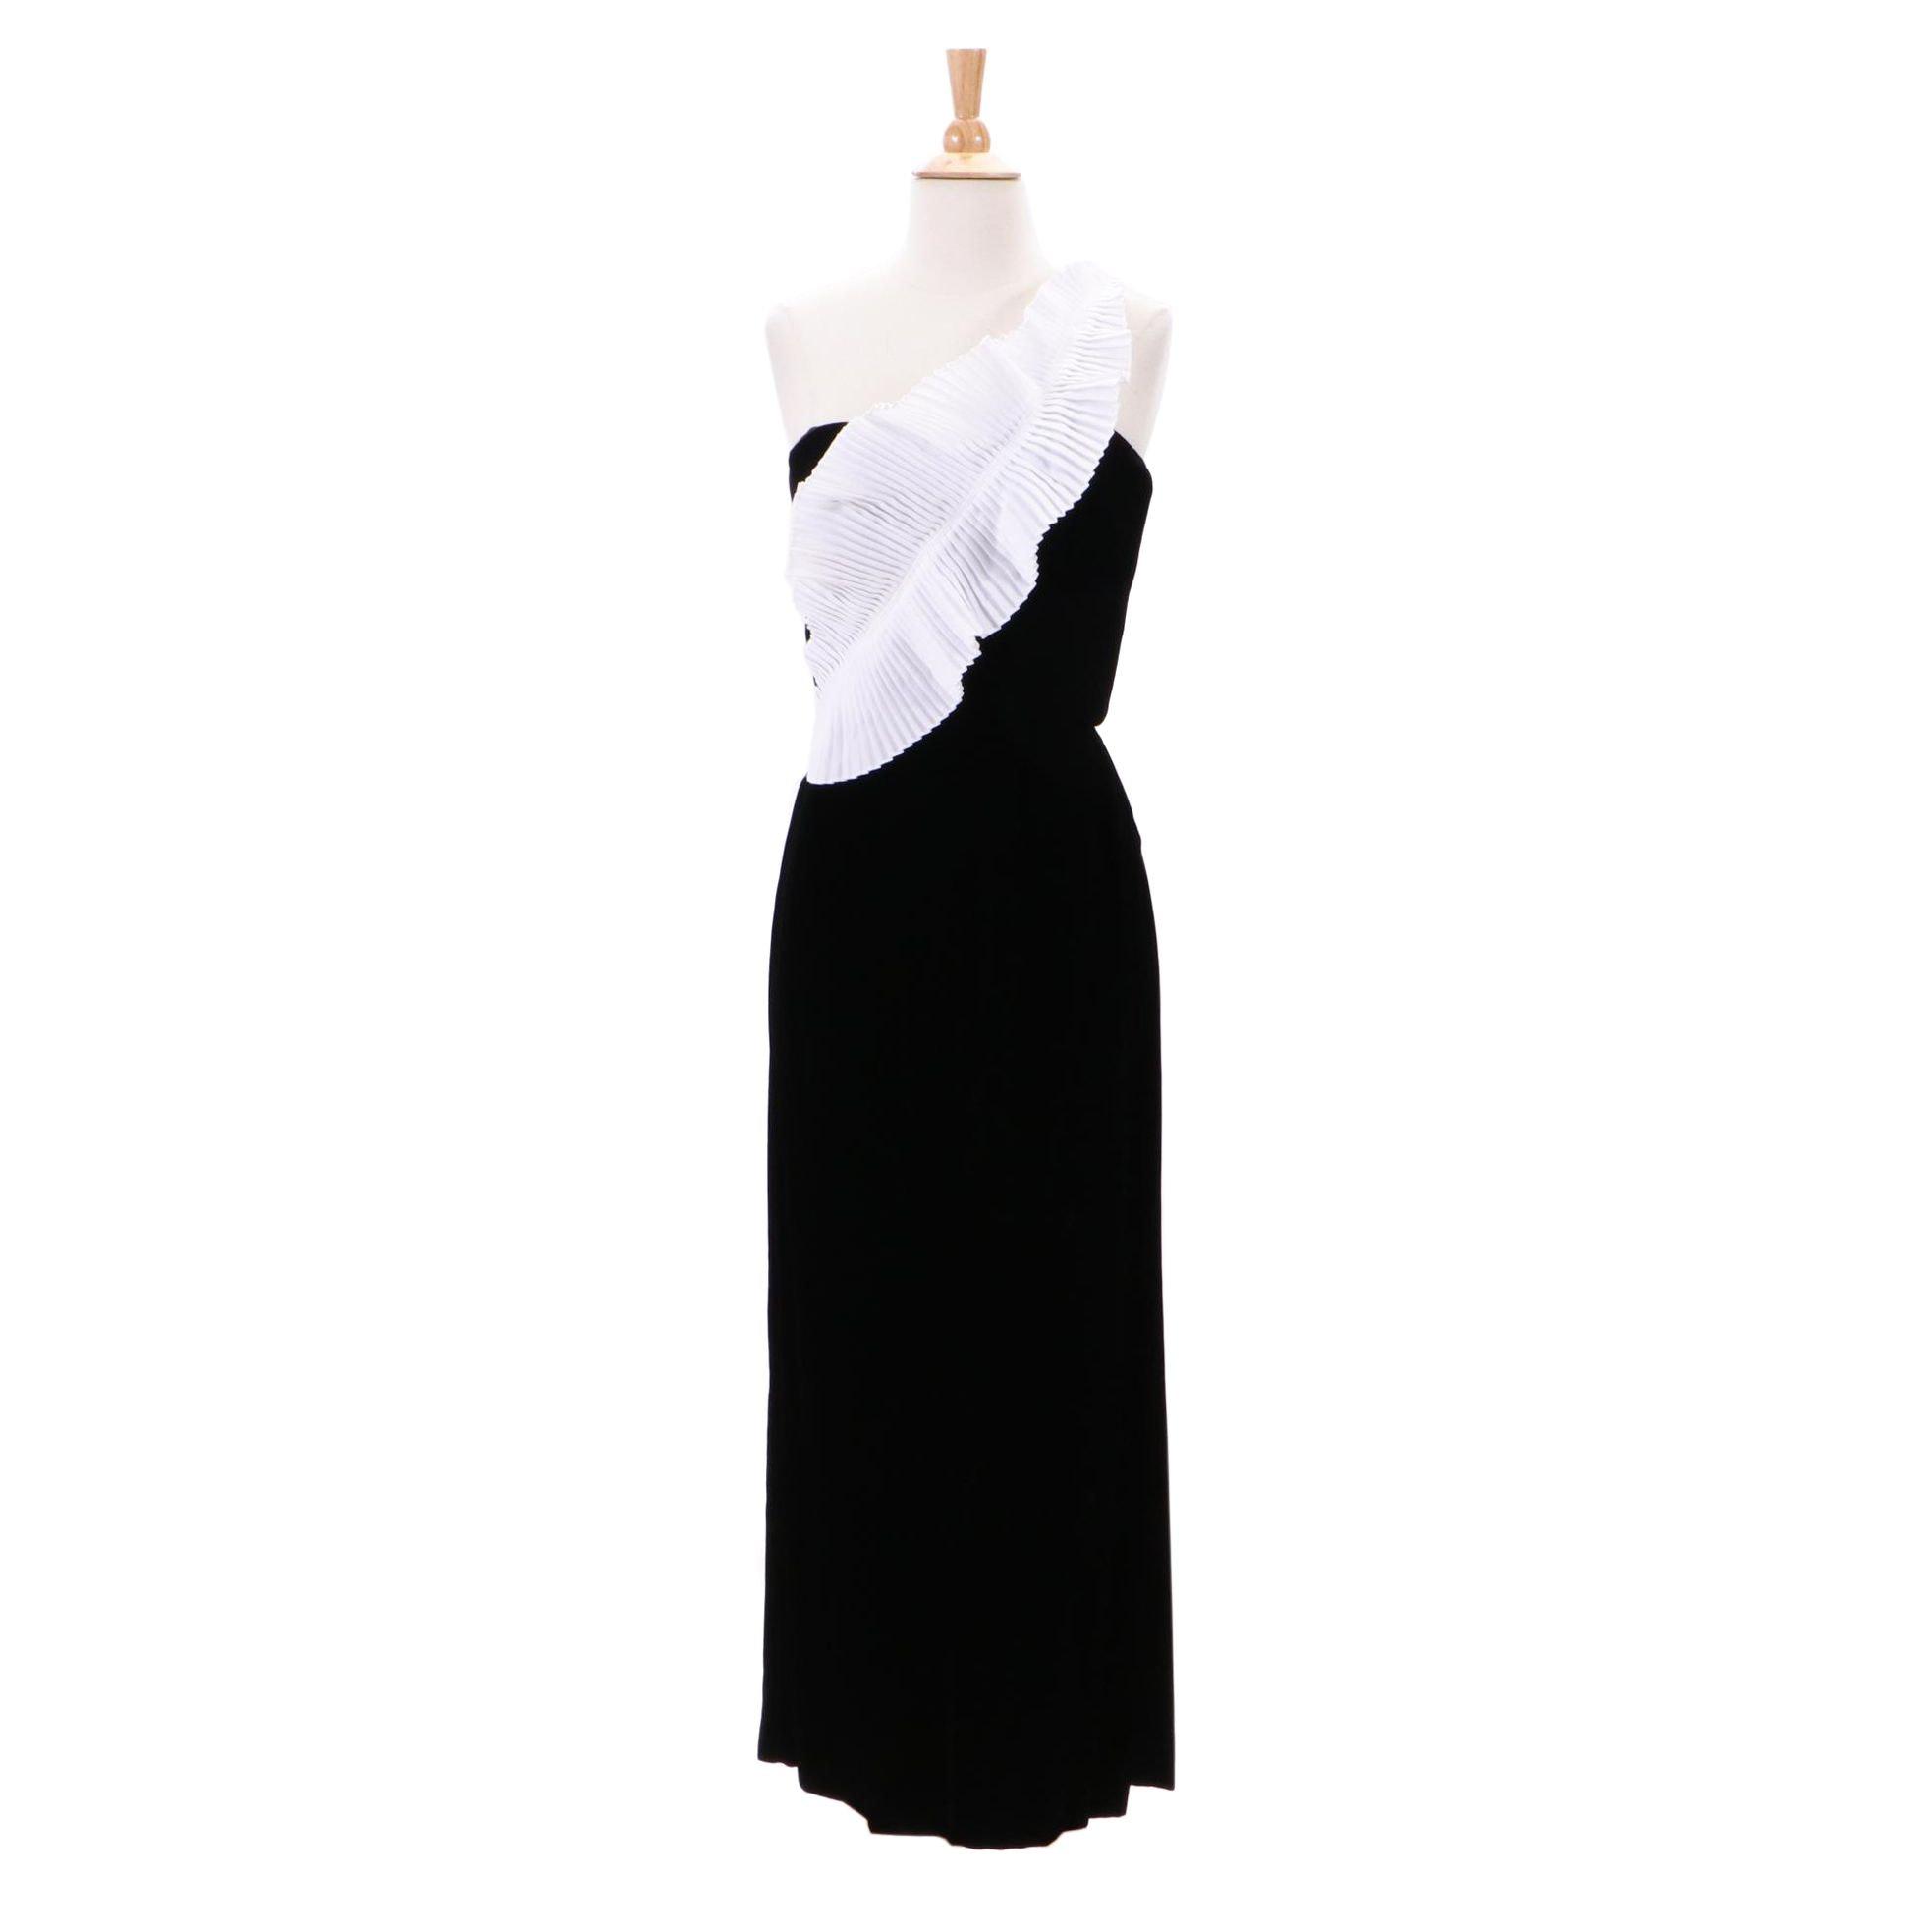 Vintage Victor Costa Black Velvet One-Shoulder Evening Dress from Gidding Jenny